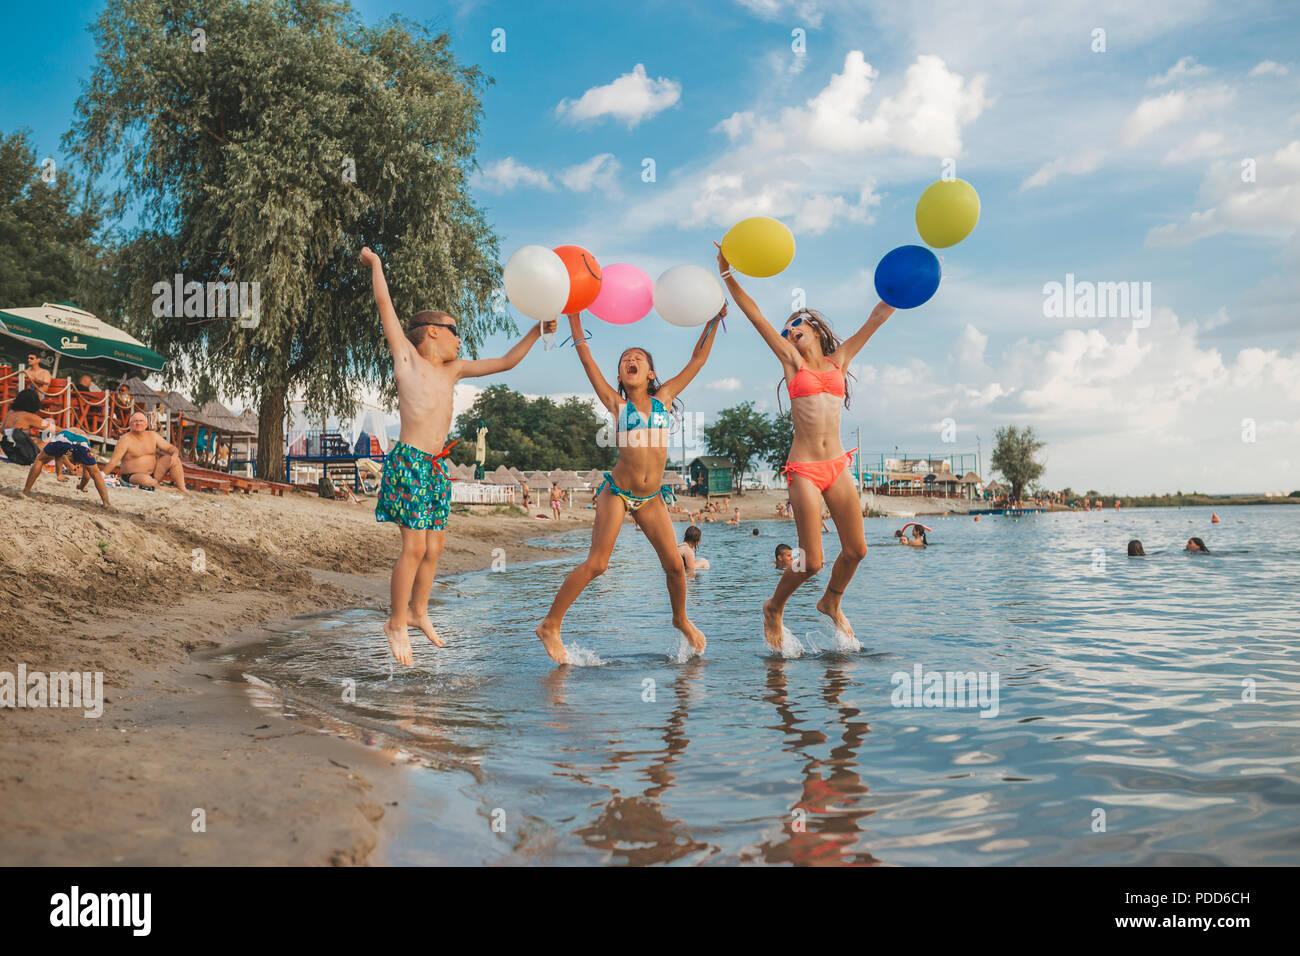 Dei bambini felici giocando con palloncini in mare. Bambini il divertimento all'aperto. La vacanza estiva e uno stile di vita sano concetto Immagini Stock